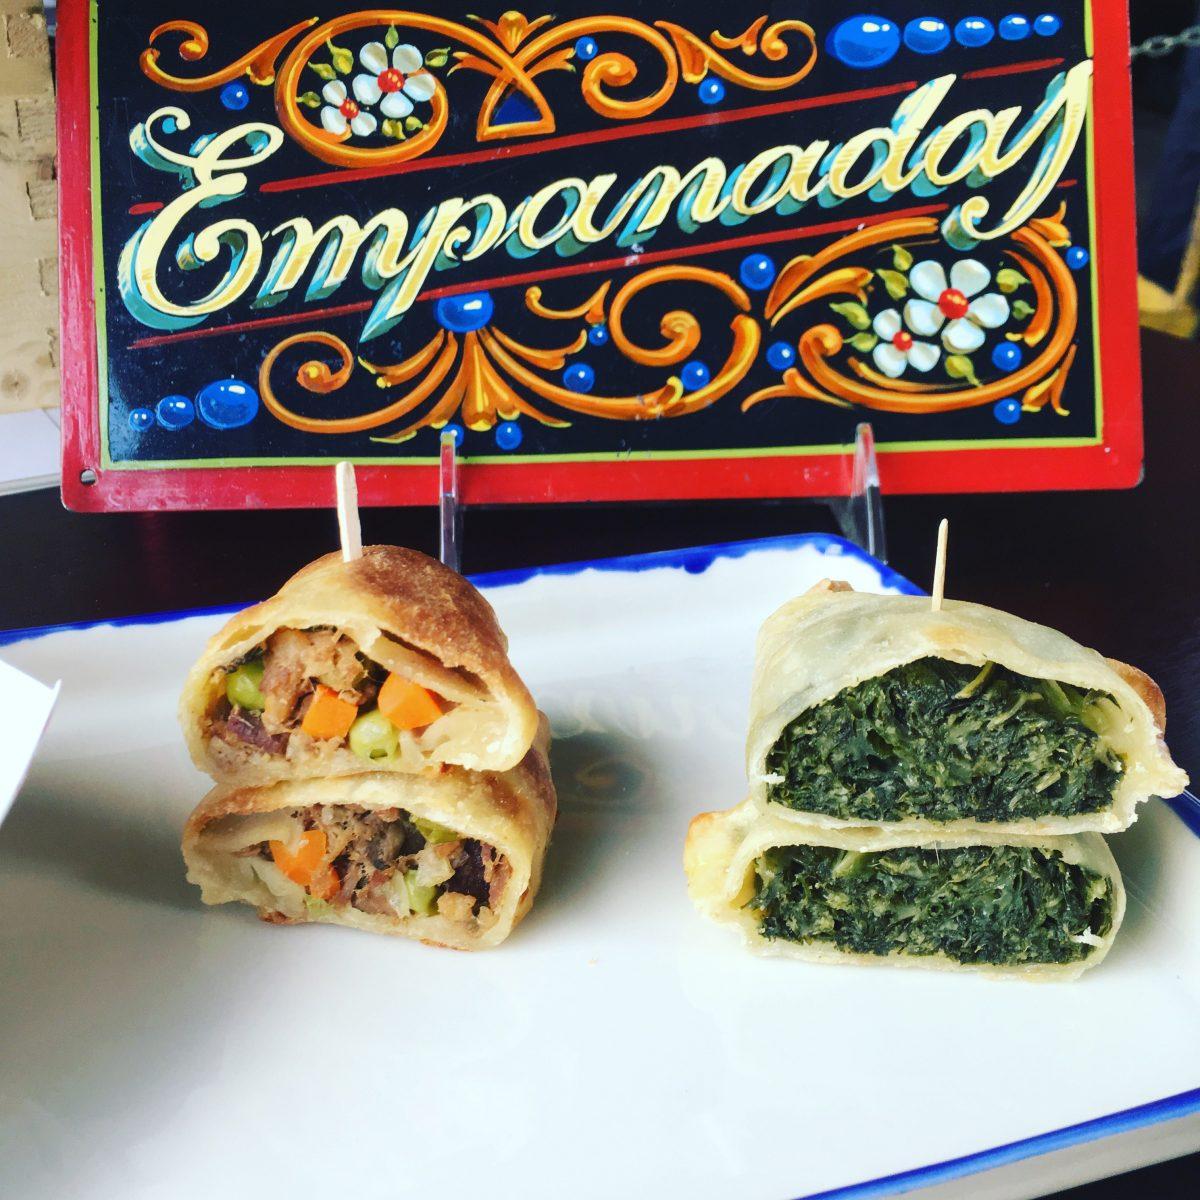 Brisket and Spinach Empanadas by kiyasdelicias